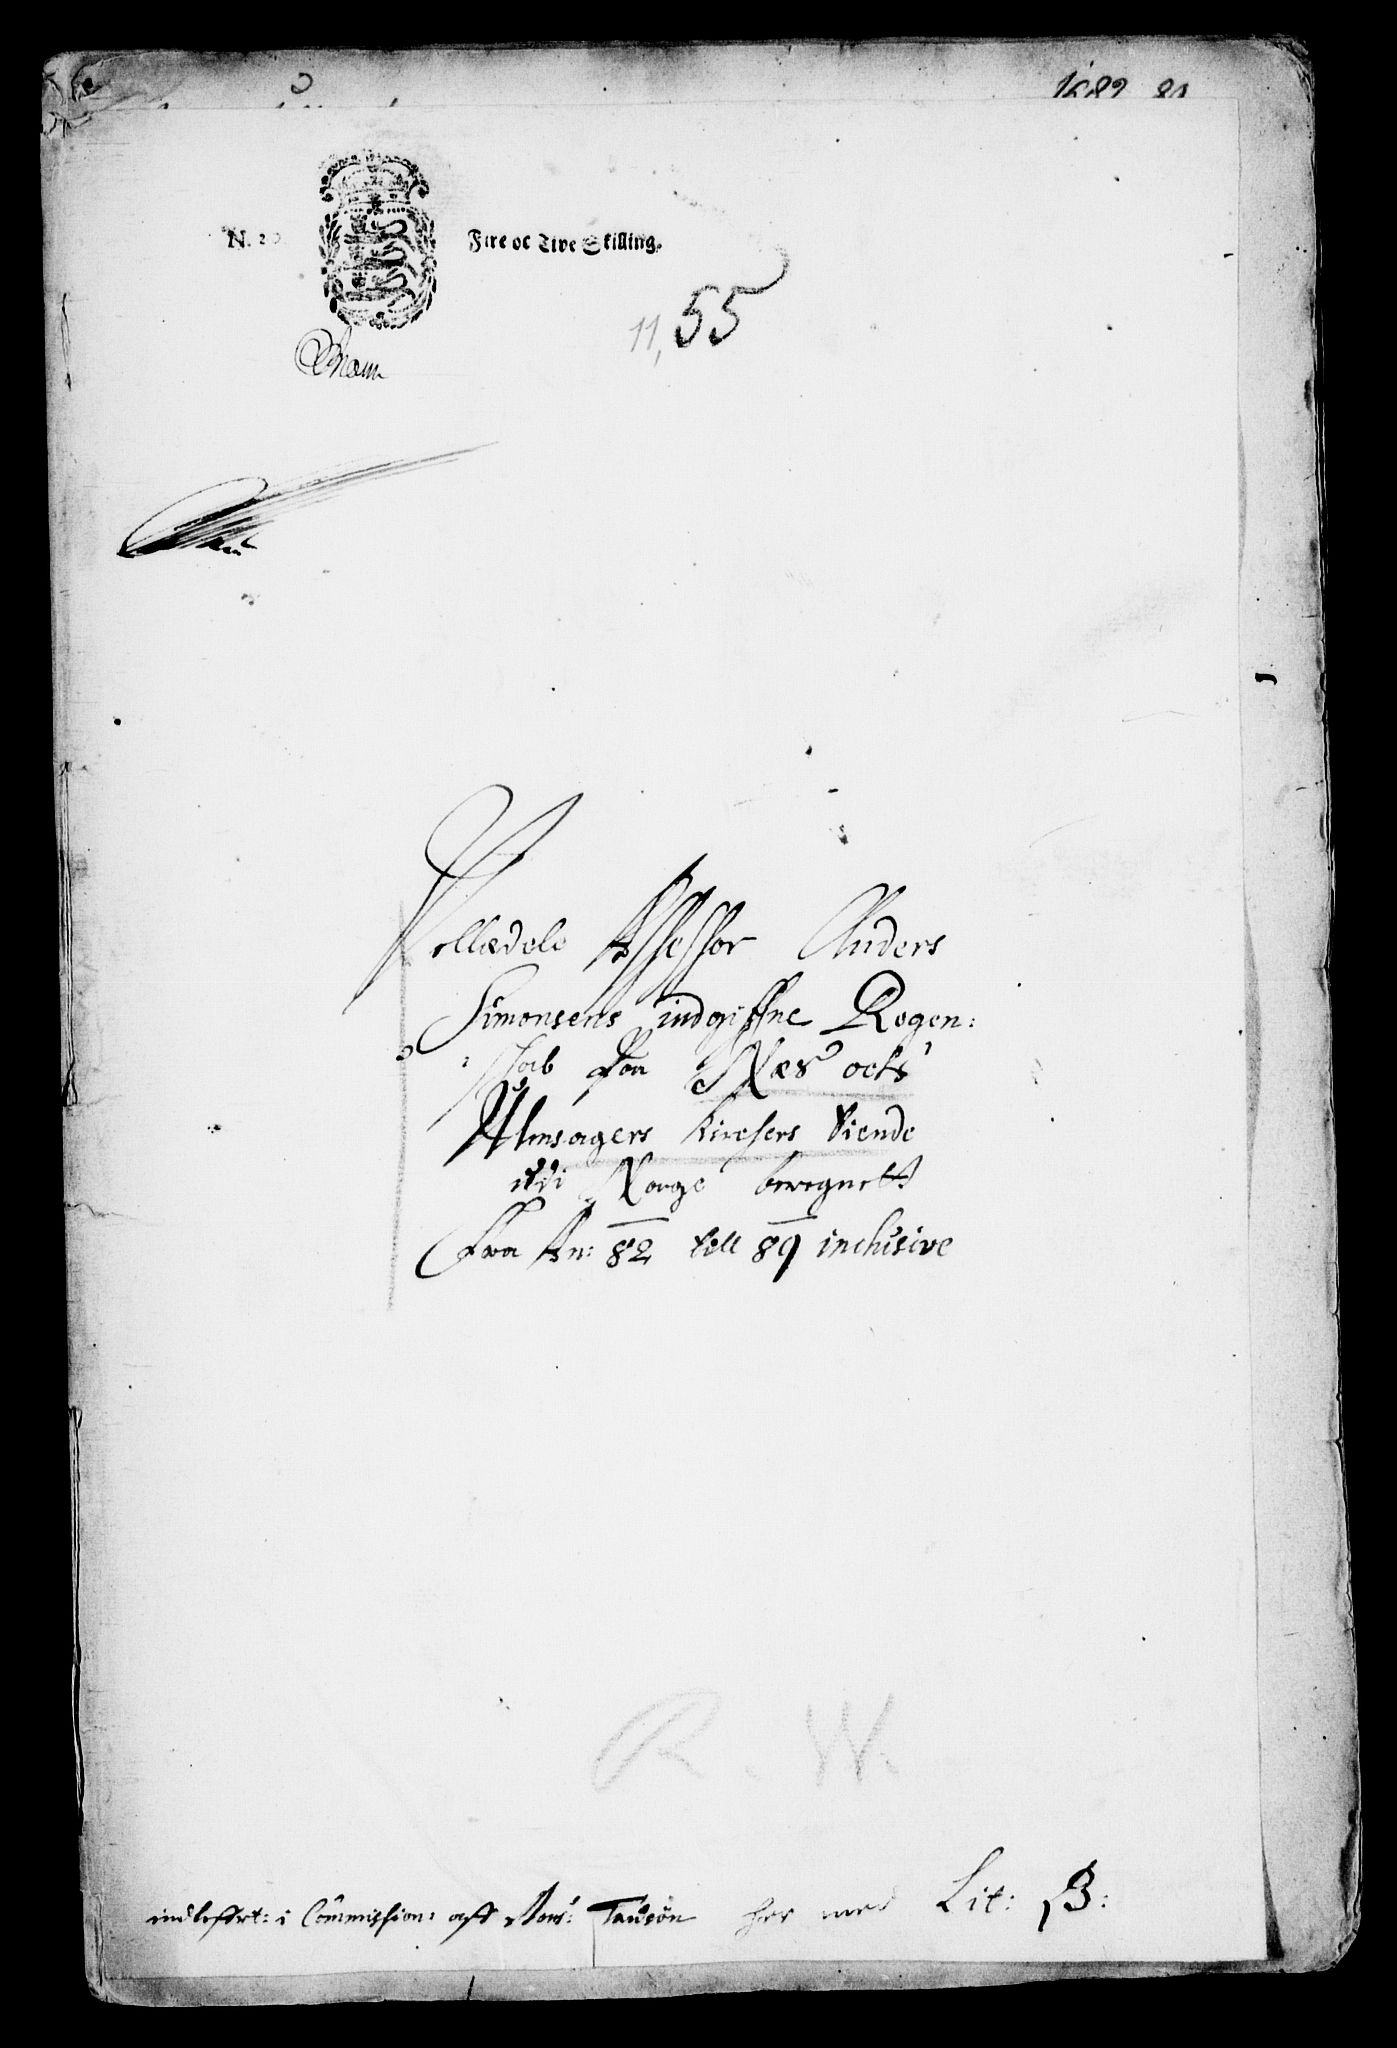 RA, Danske Kanselli, Skapsaker, G/L0019: Tillegg til skapsakene, 1616-1753, s. 243